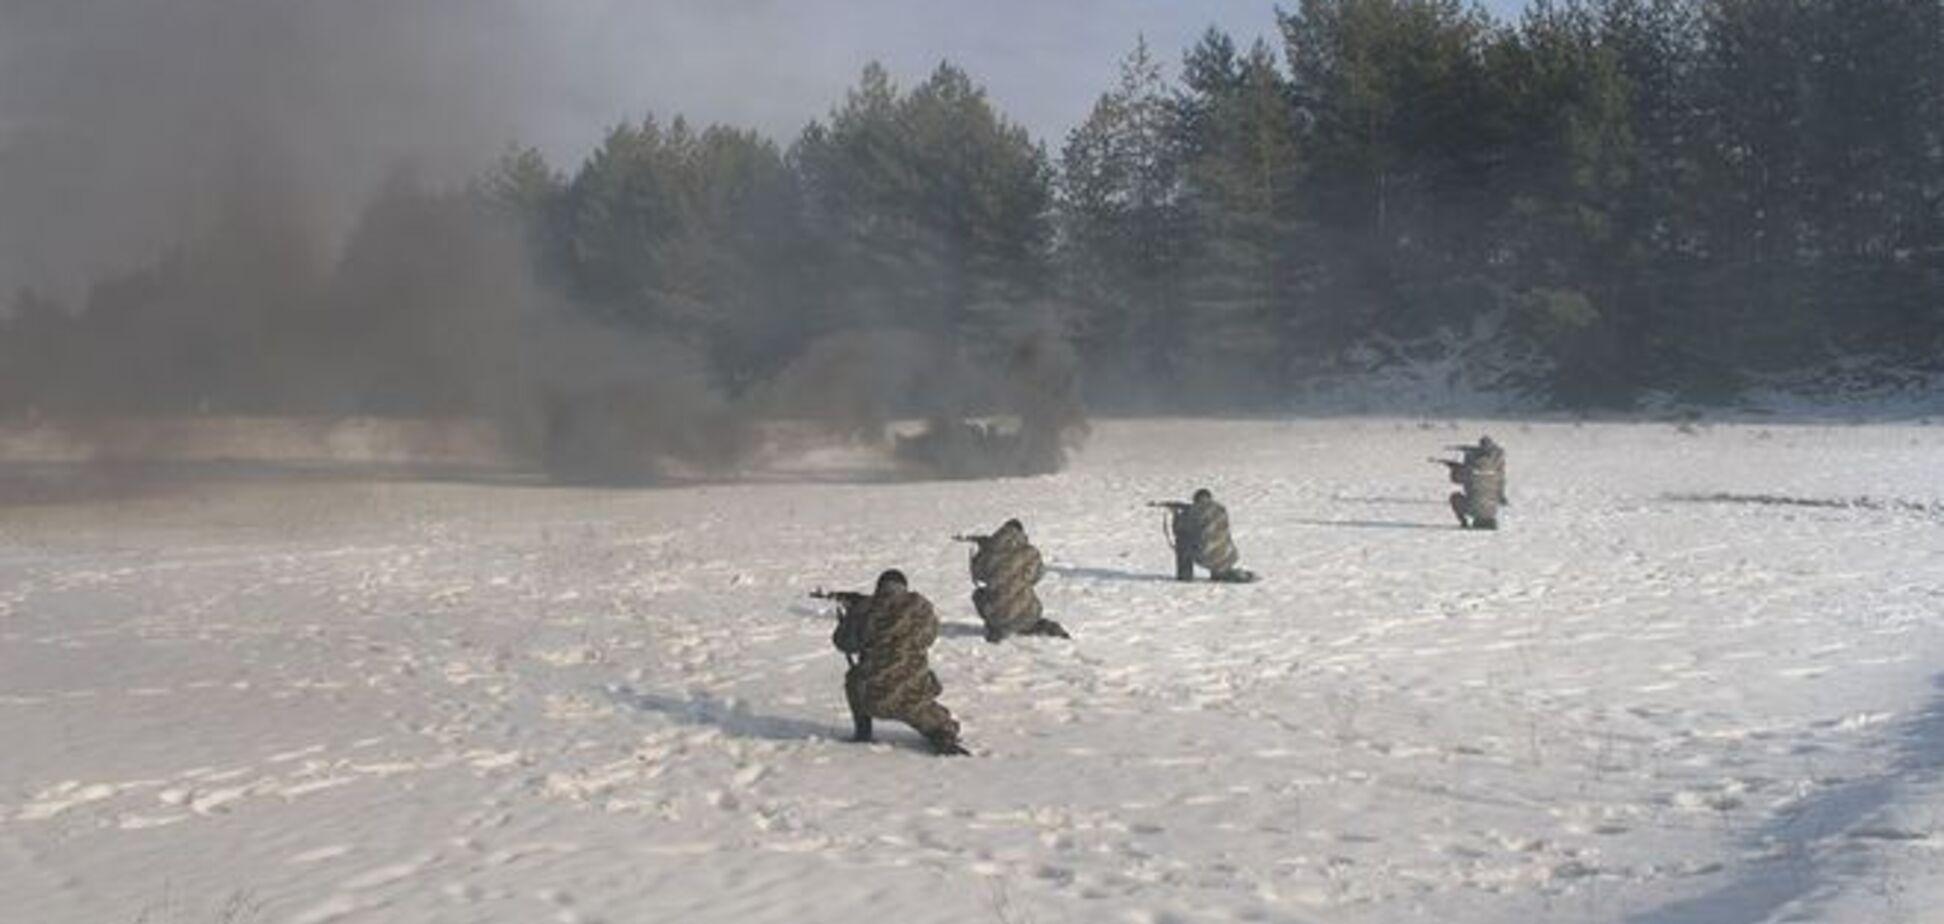 Якщо ми кинемо Донбас, бойовики через три дні будуть у Києві - комбат